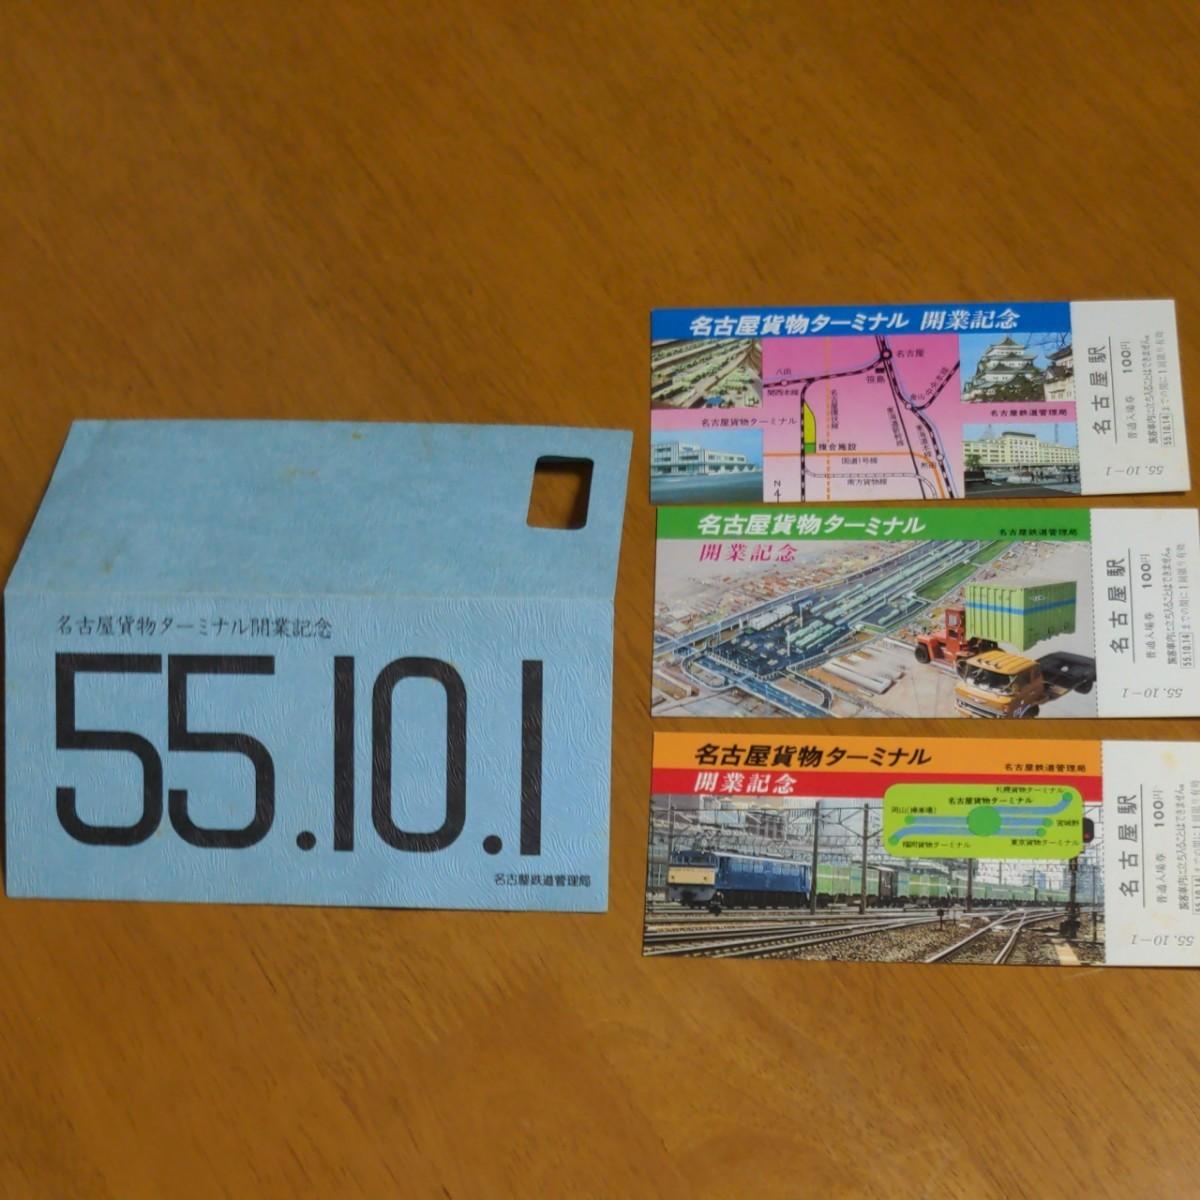 国鉄コレクション 名古屋貨物ターミナル 開業記念切符 昭和レトロ